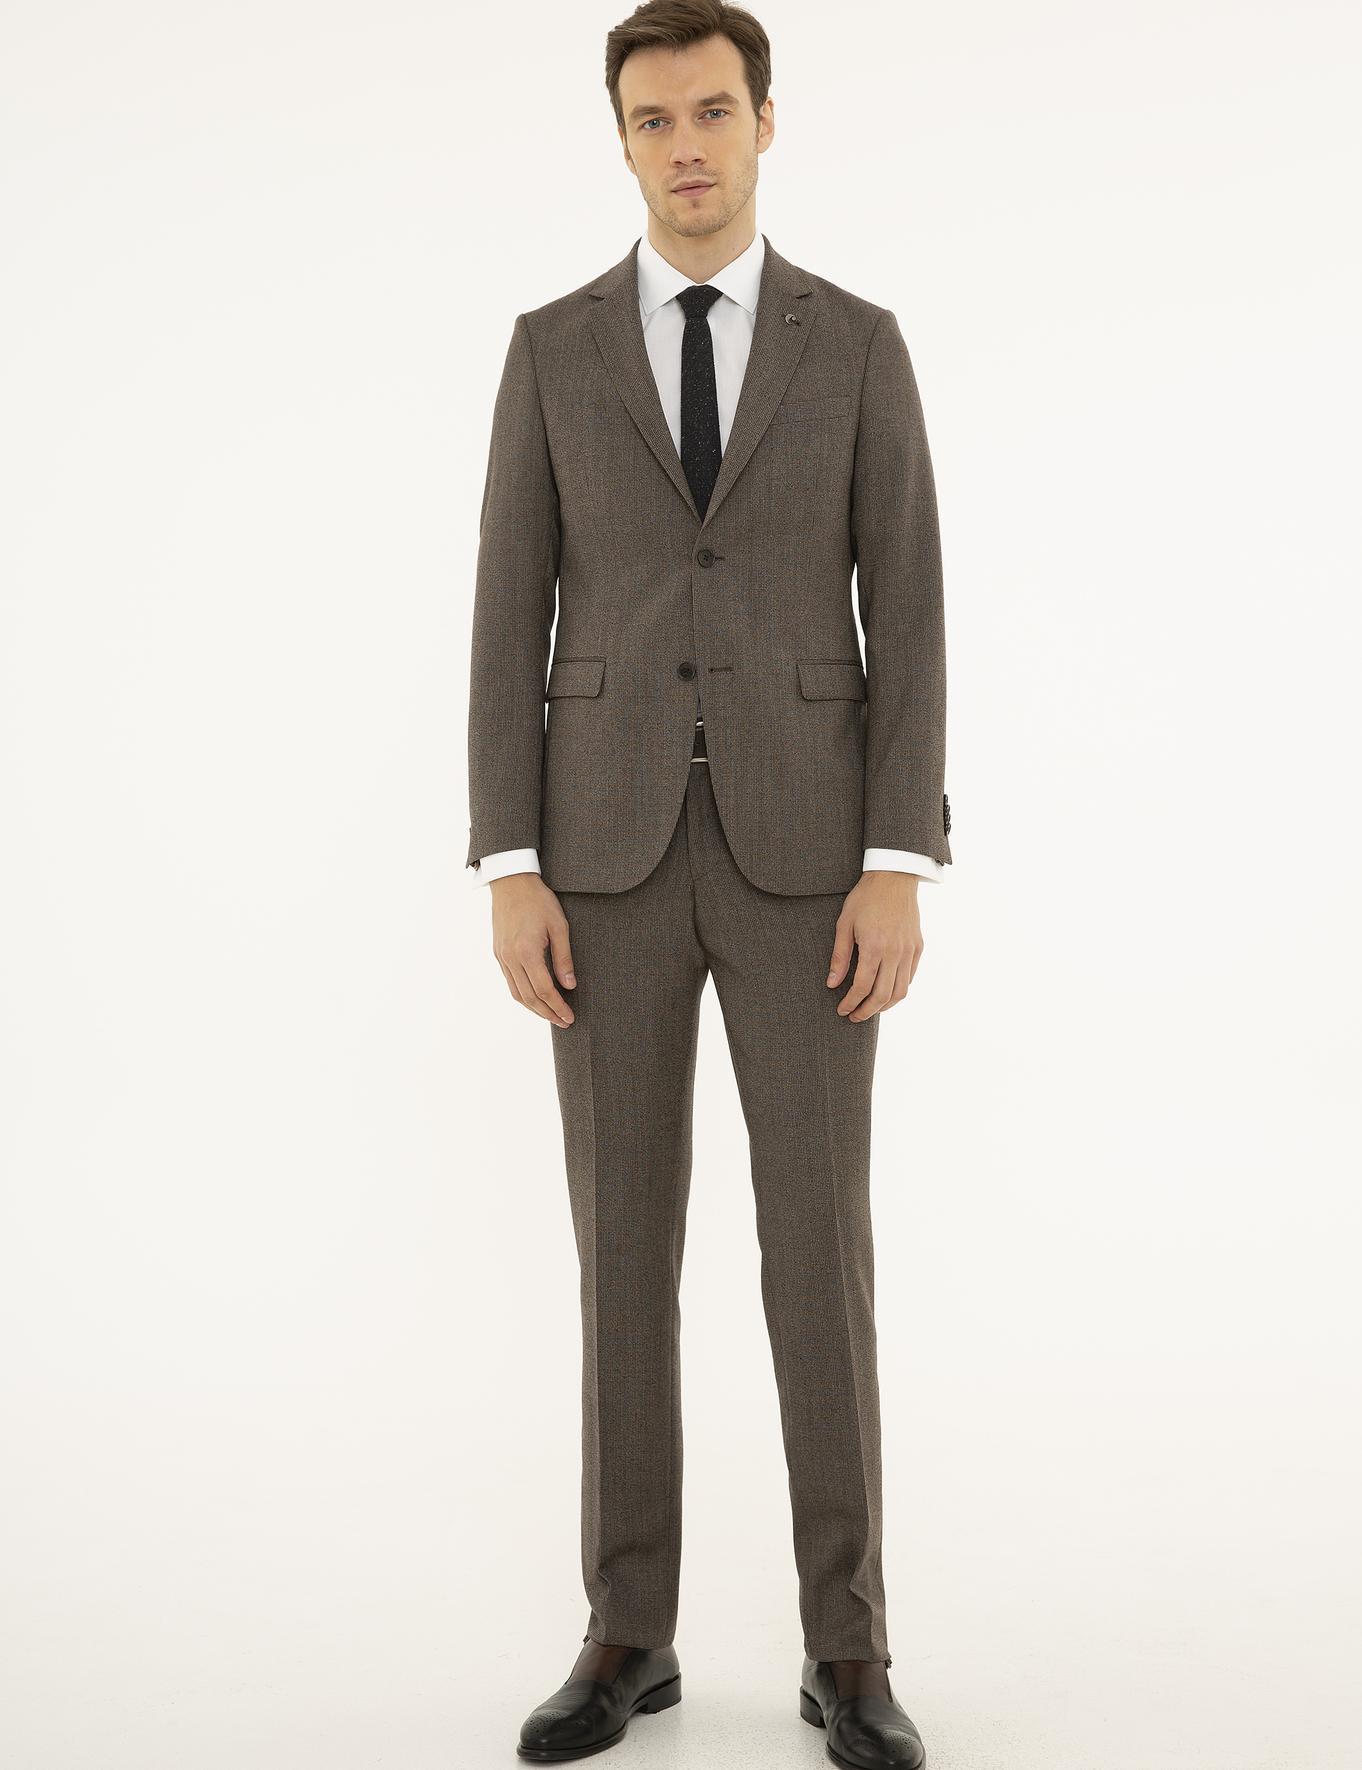 Kahverengi Slim Fit Takım Elbise - 50229845011